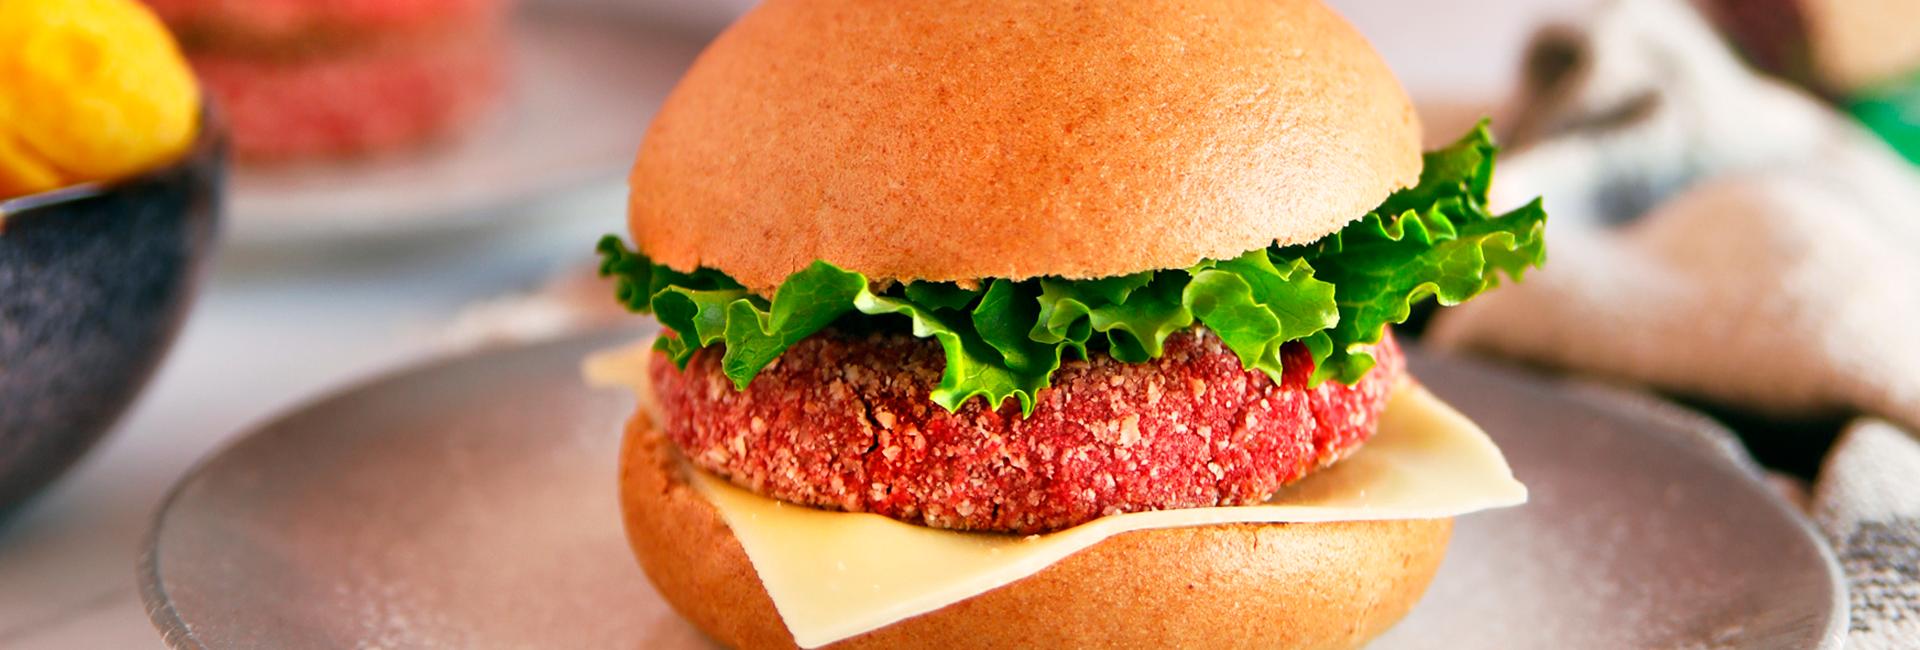 Burgers veganas de quinoa y garbanzos